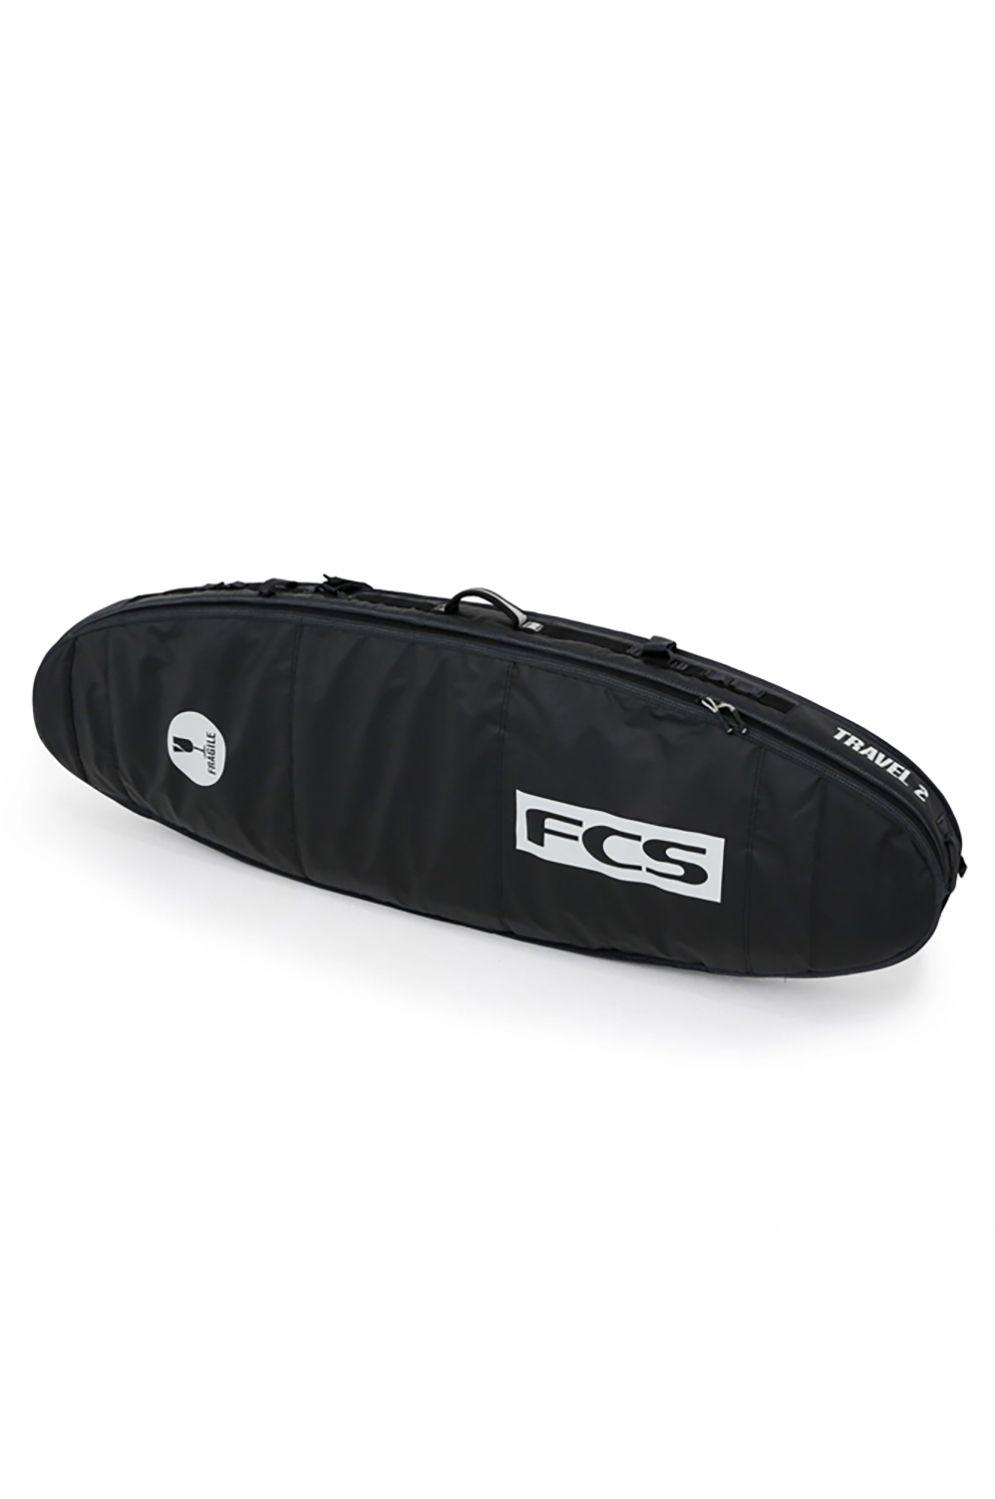 Fcs Boardbag 7'0 TRAVEL 2 FUN BOARD Black/Grey